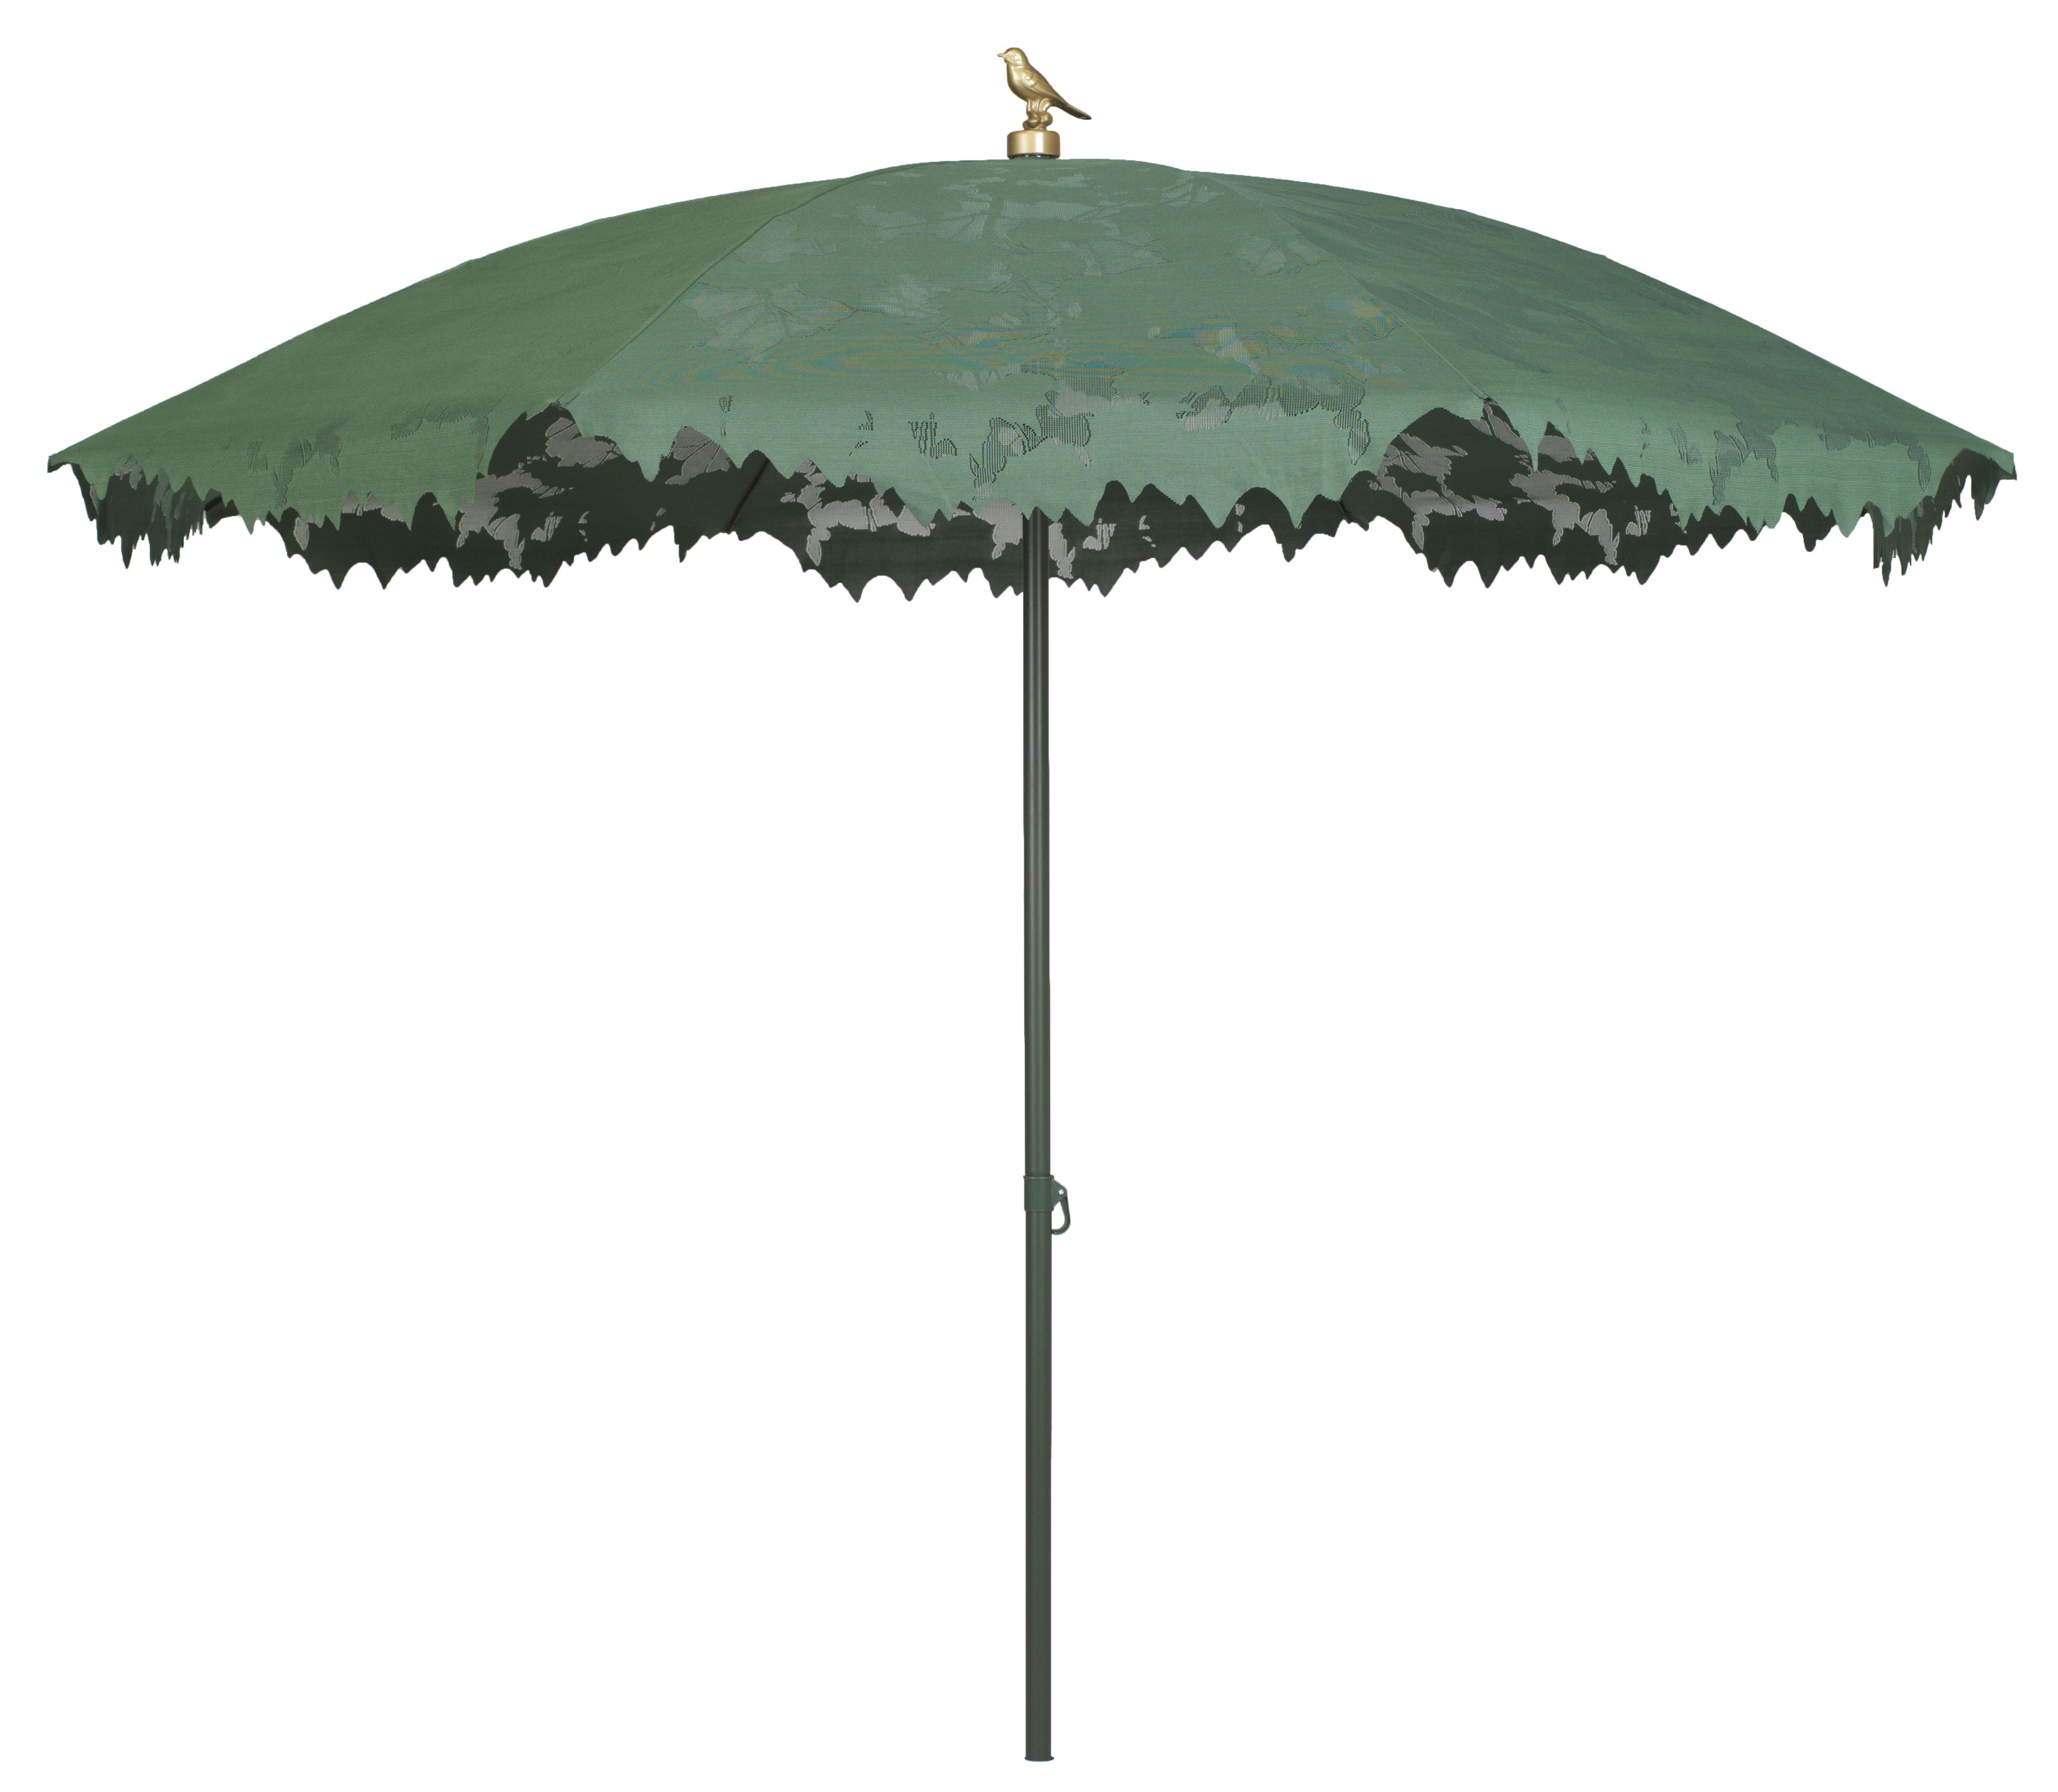 Outdoor - Ombrelloni - Ombrellone Shadylace - Ø 215 cm di Symo - Ombrellone verde / palo legno / uccello dorato - Alluminio, Tela poliestere